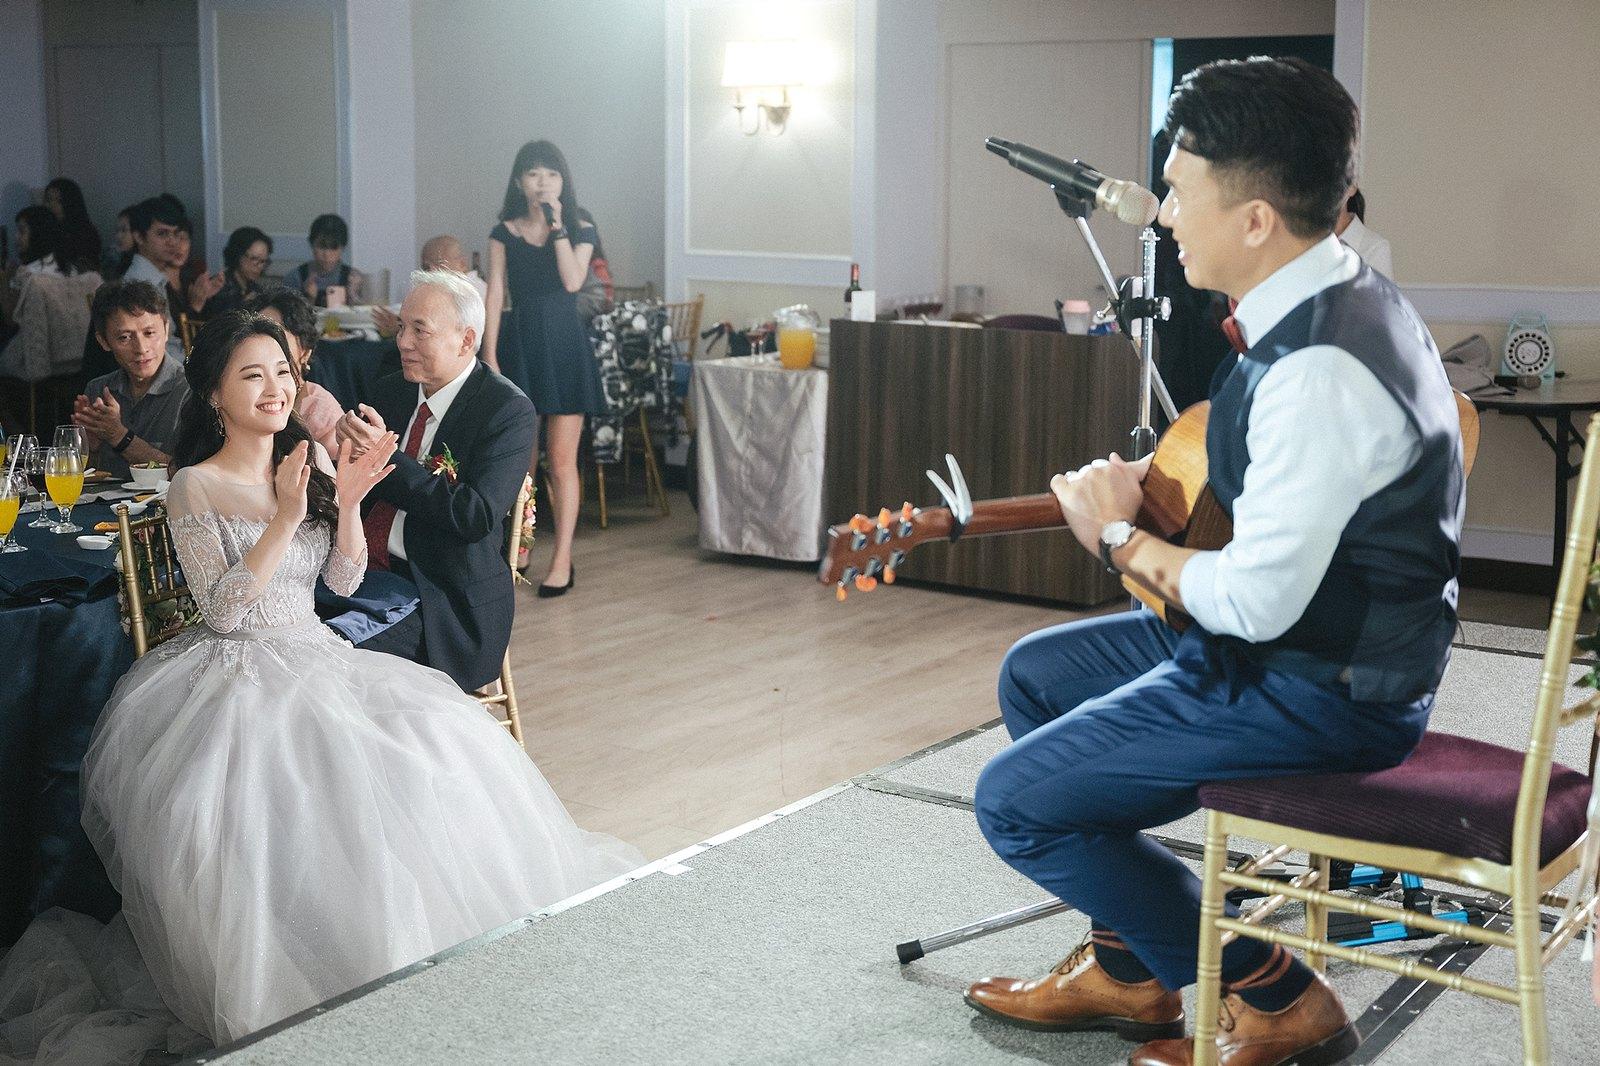 【婚攝】Carter & June / 彭園婚宴會館-新板館